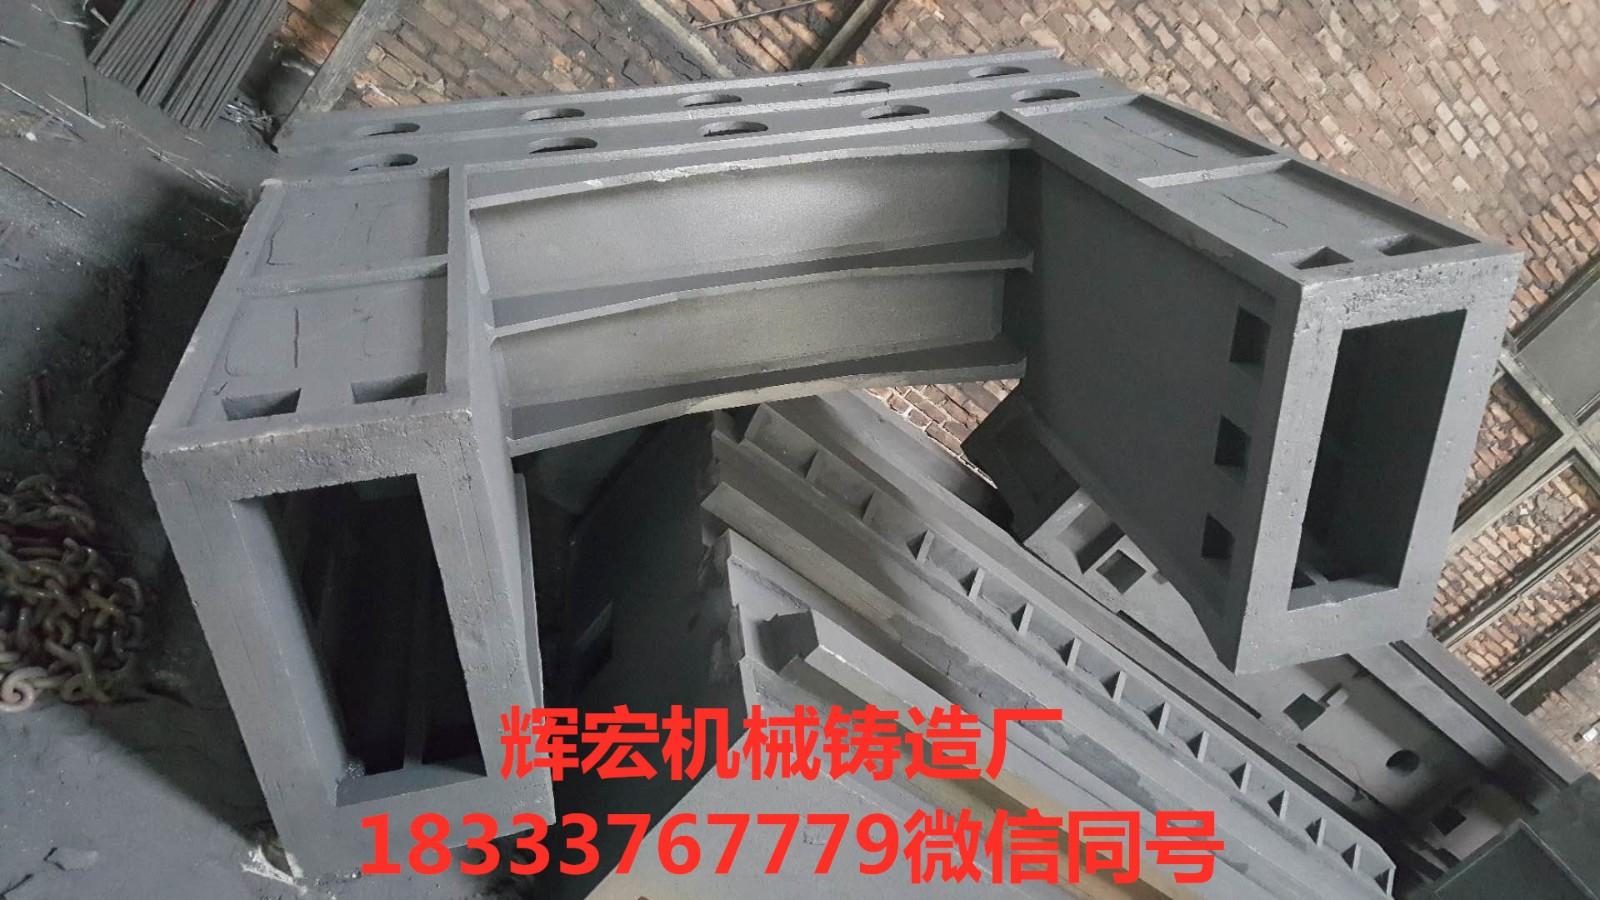 武汉周边消失模灰铁铸件生产厂家实体靠谱企业